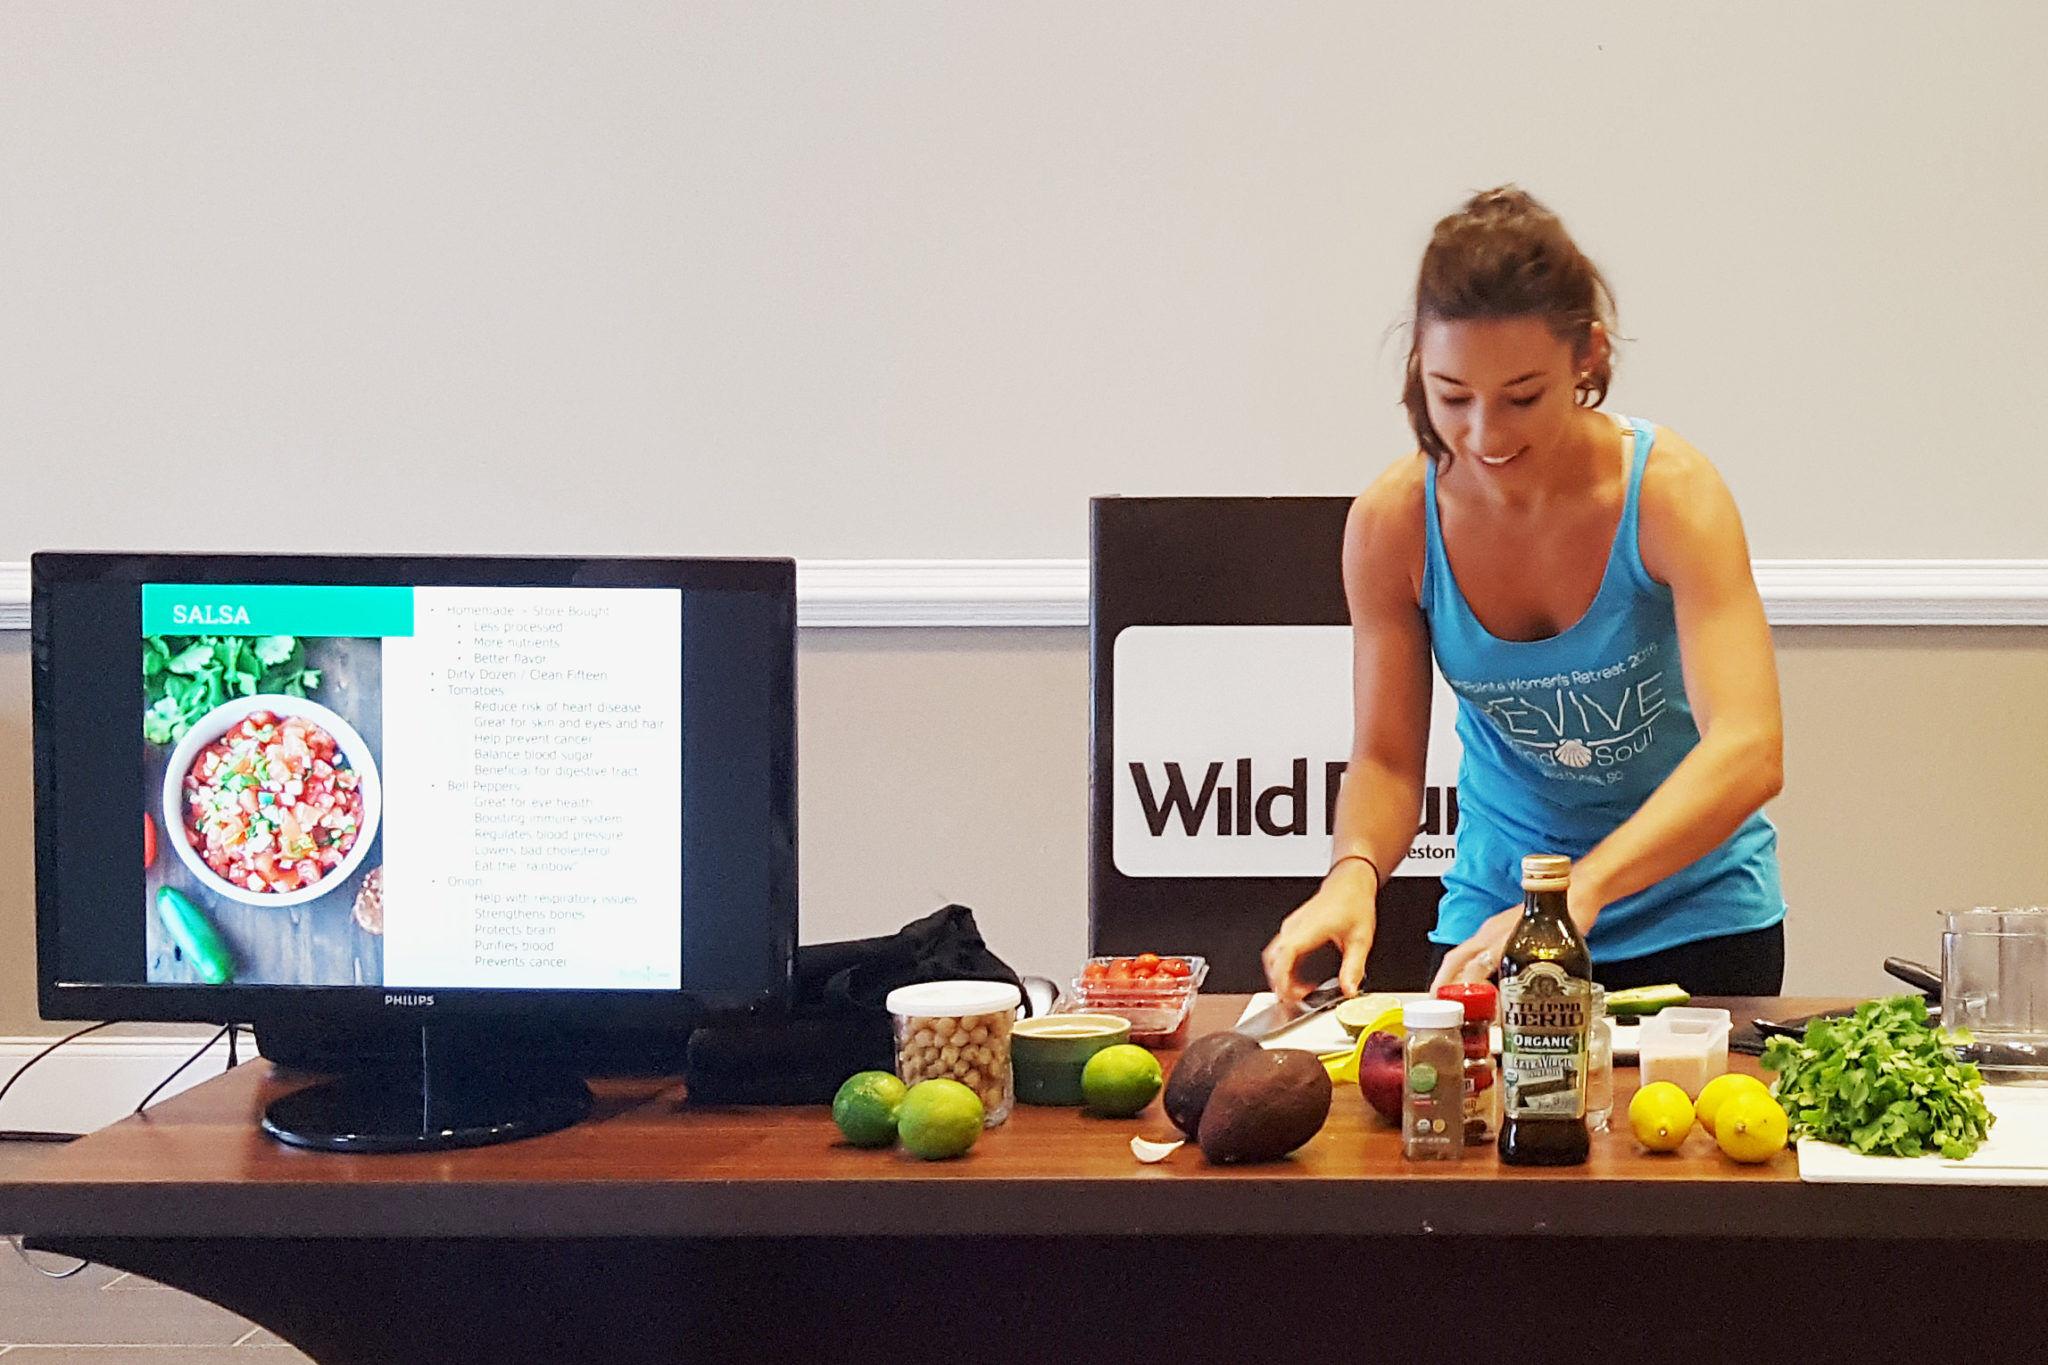 samantha eaton nutrition health coach charlotte, nc healthy eaton